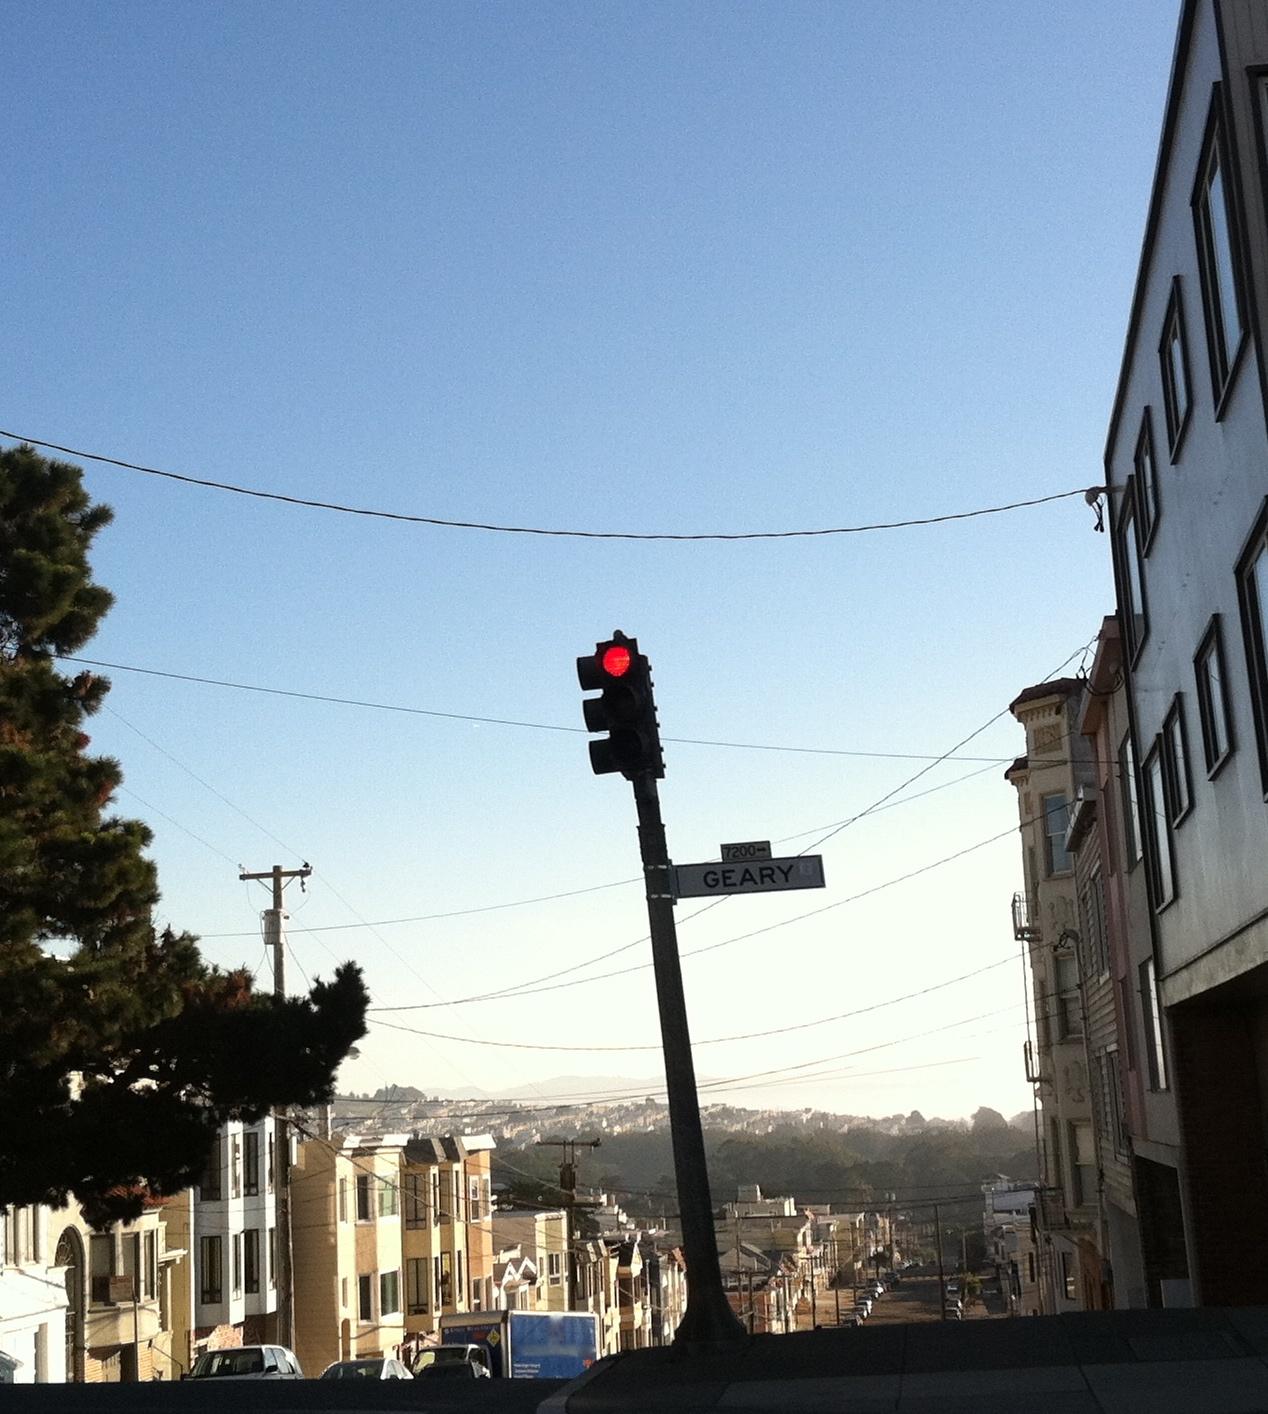 Traffic Signal in San Francisco